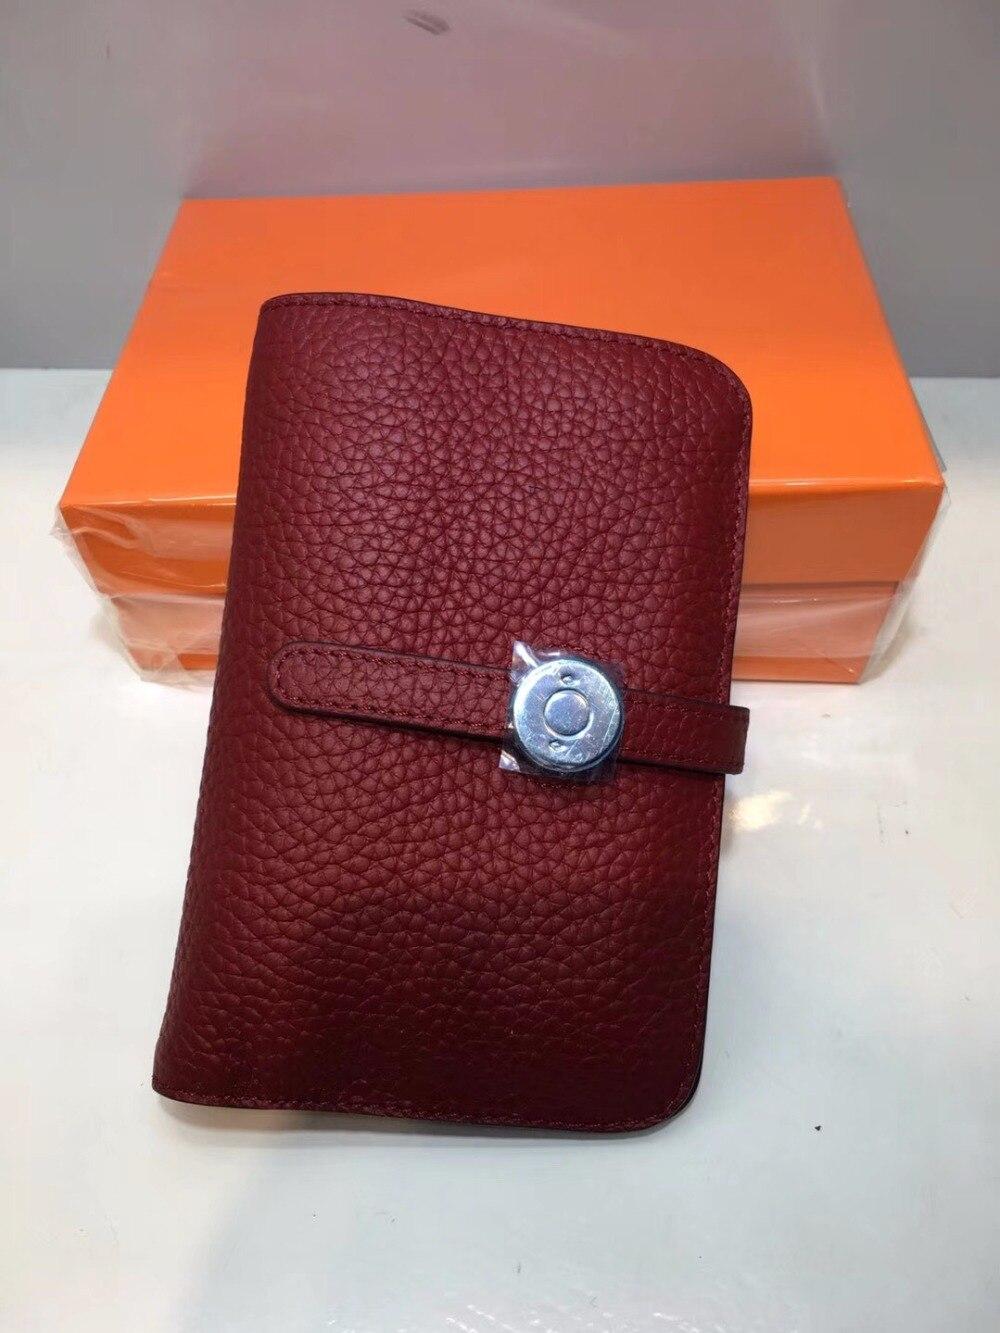 Cafunila véritable cuir de vache véritable porte-carte pour passeport femmes litchi modèle embrayage téléphone portable étui porte-monnaie designer sac à main